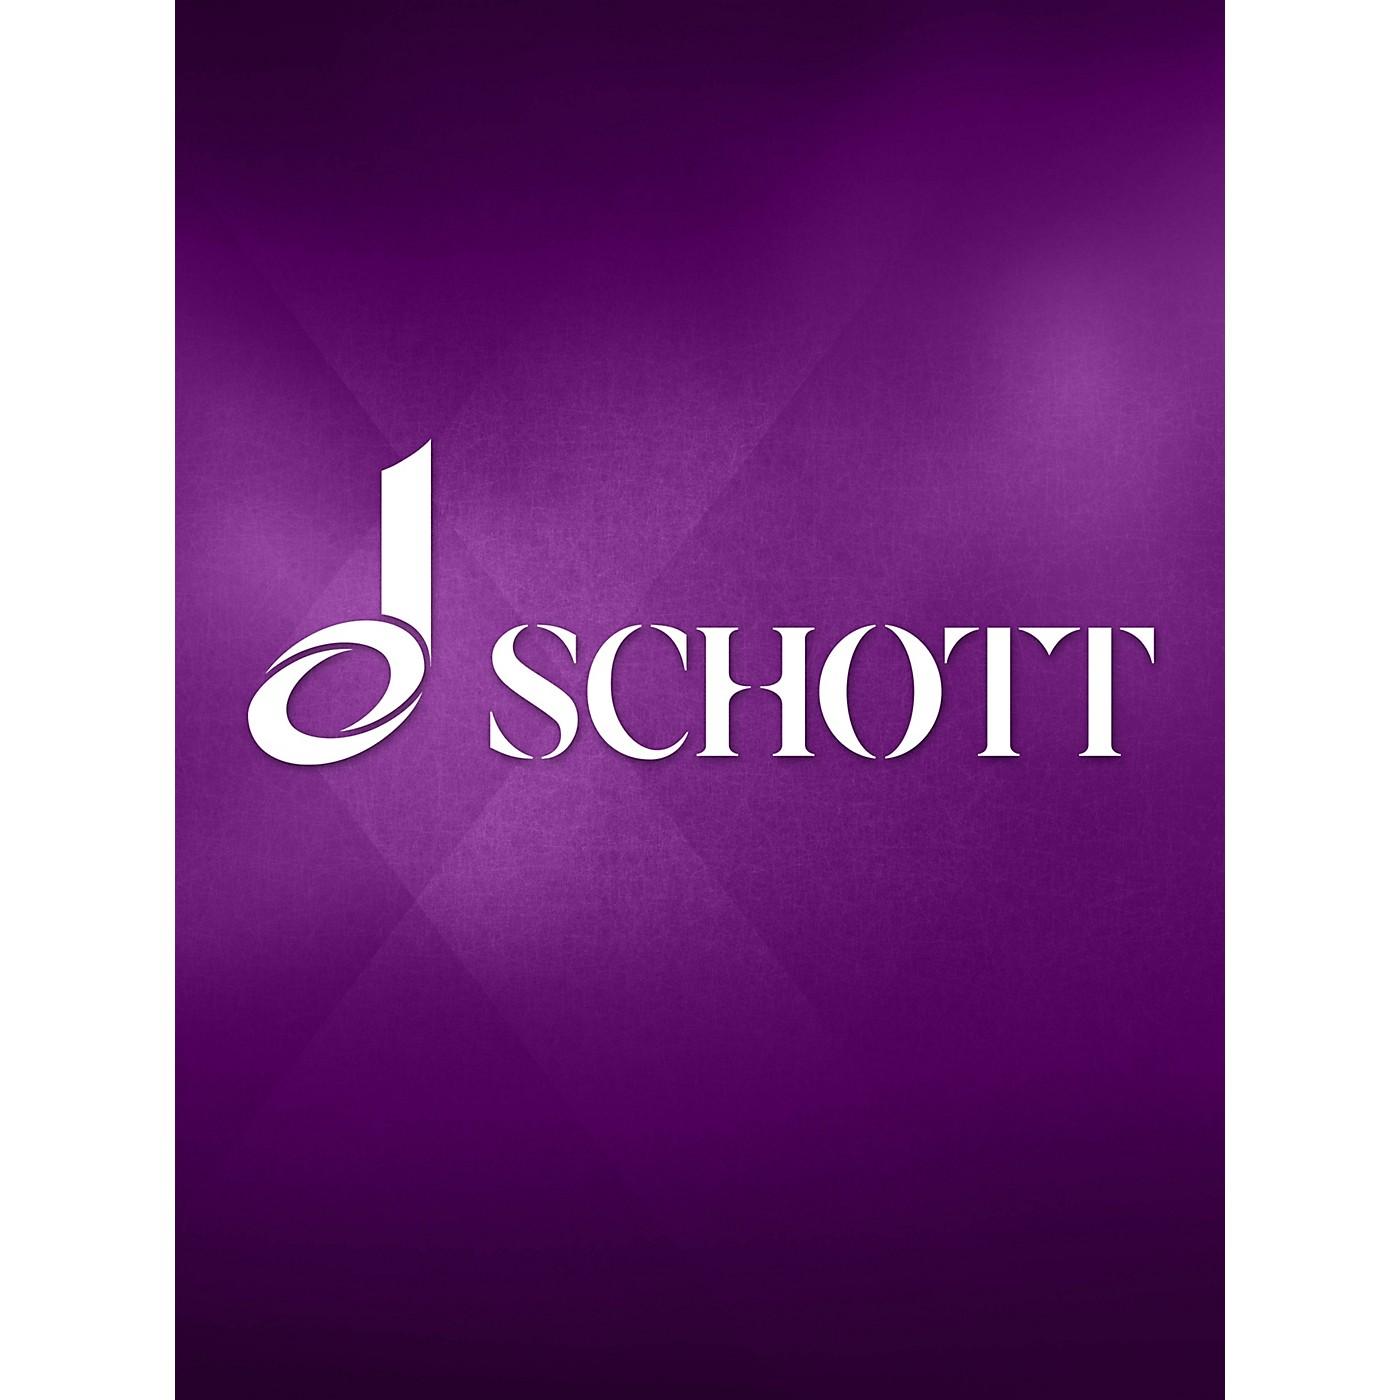 Eulenburg Violin Concerto in D Major Op. 35, No. 19 (Violin 1 and 2 Part) Schott Series Composed by Antonio Vivaldi thumbnail